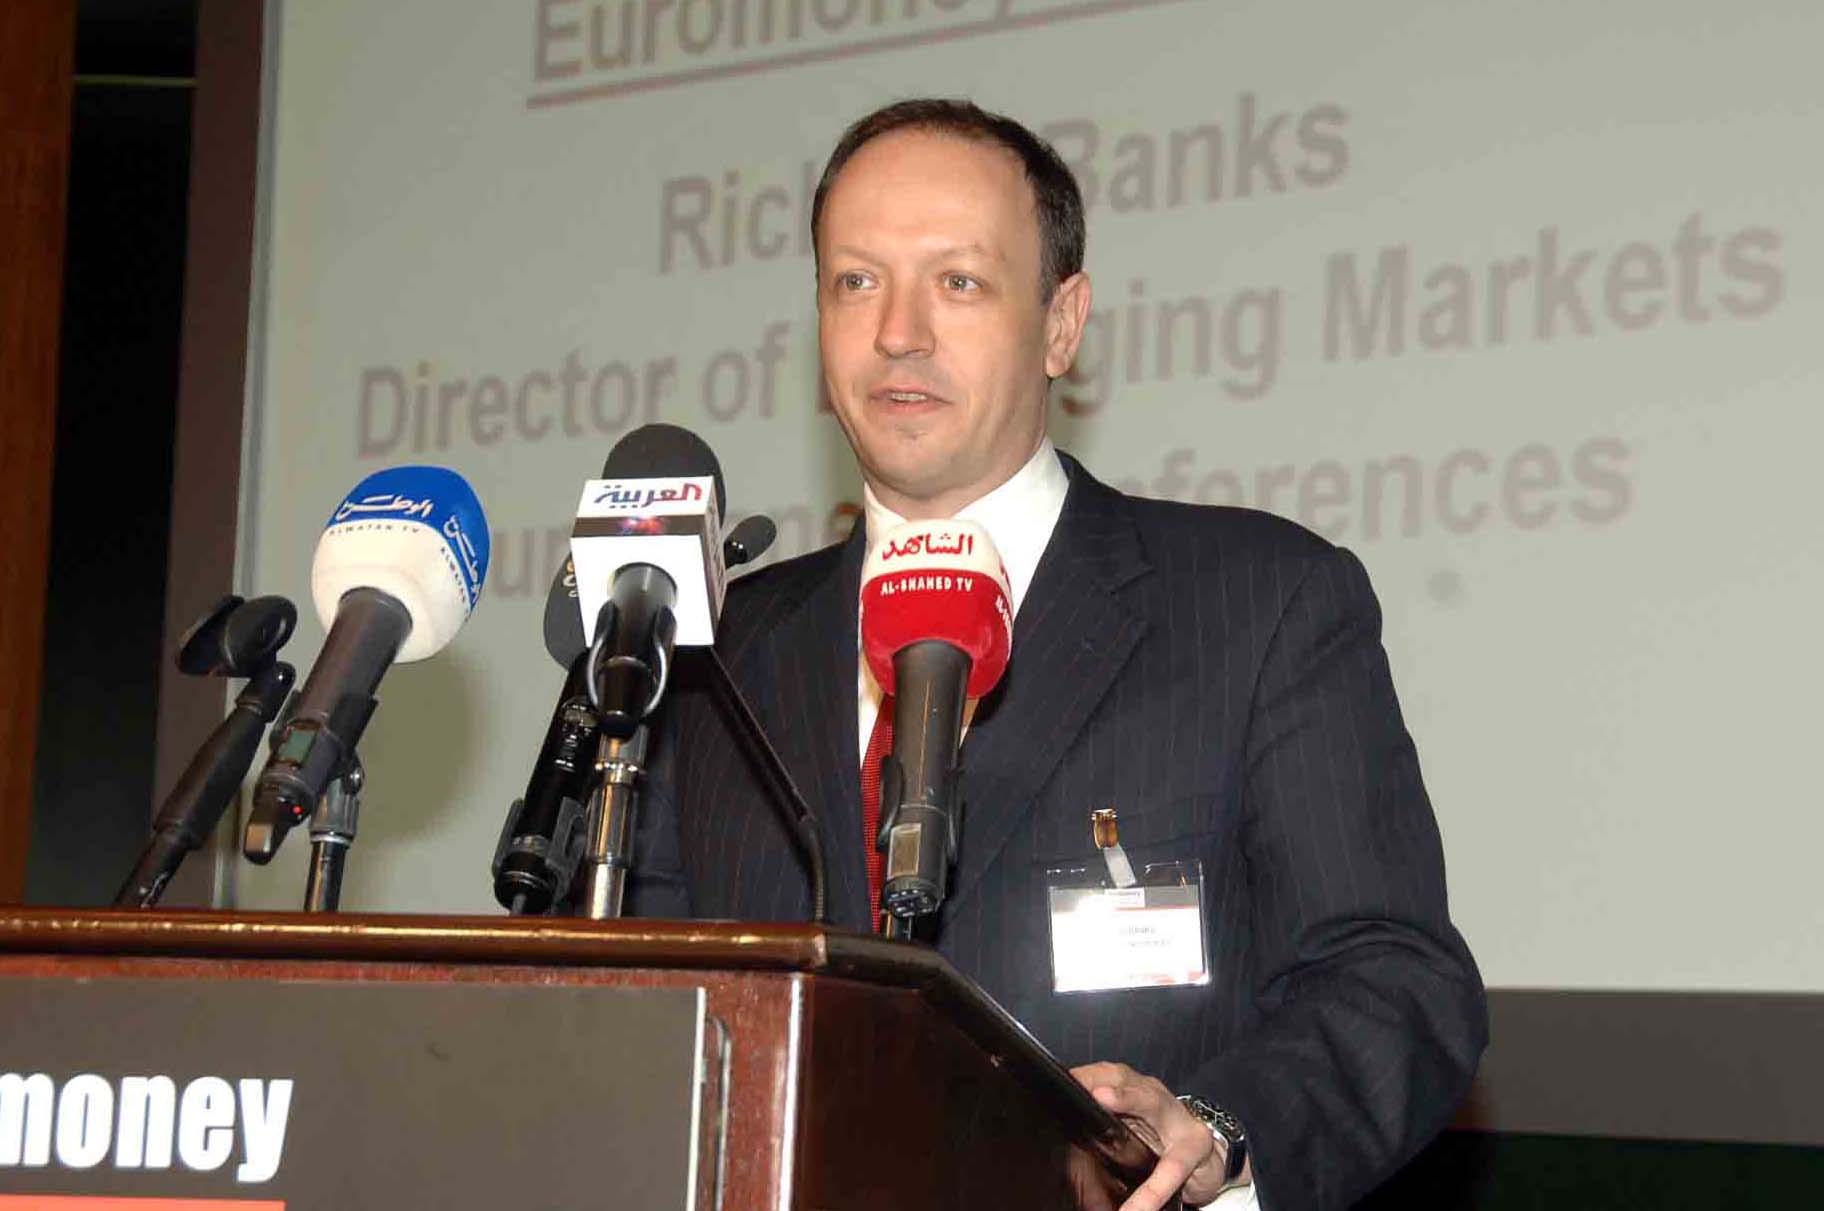 richard banks 1